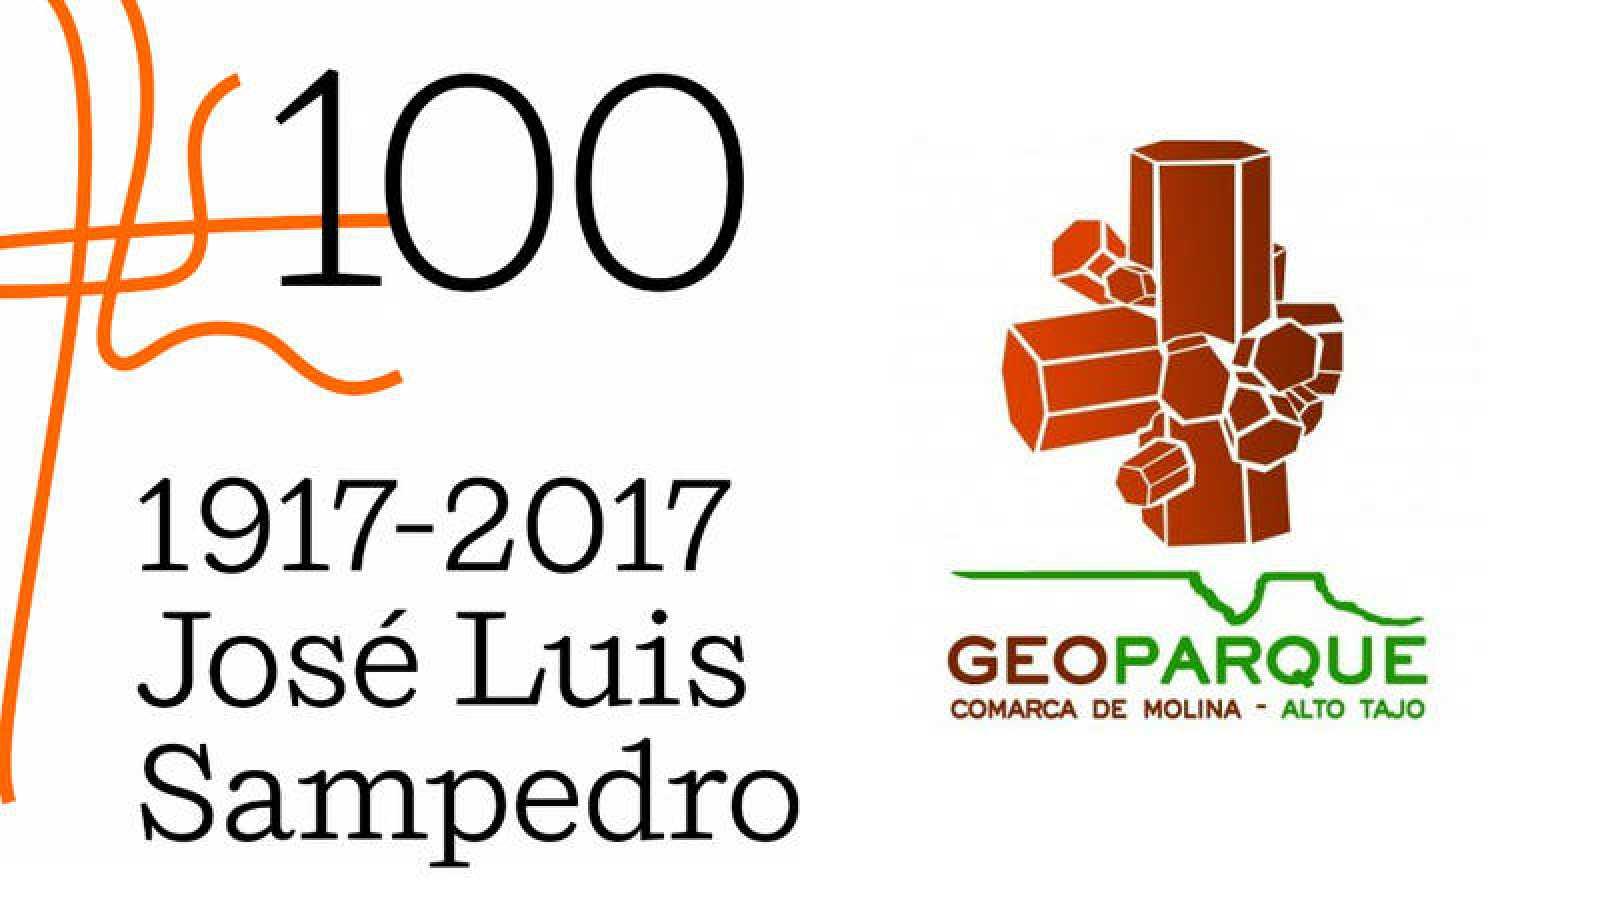 Centenario de José Luis Sampedro y Geoparque de la Comarca de Molina-Alto Tajo